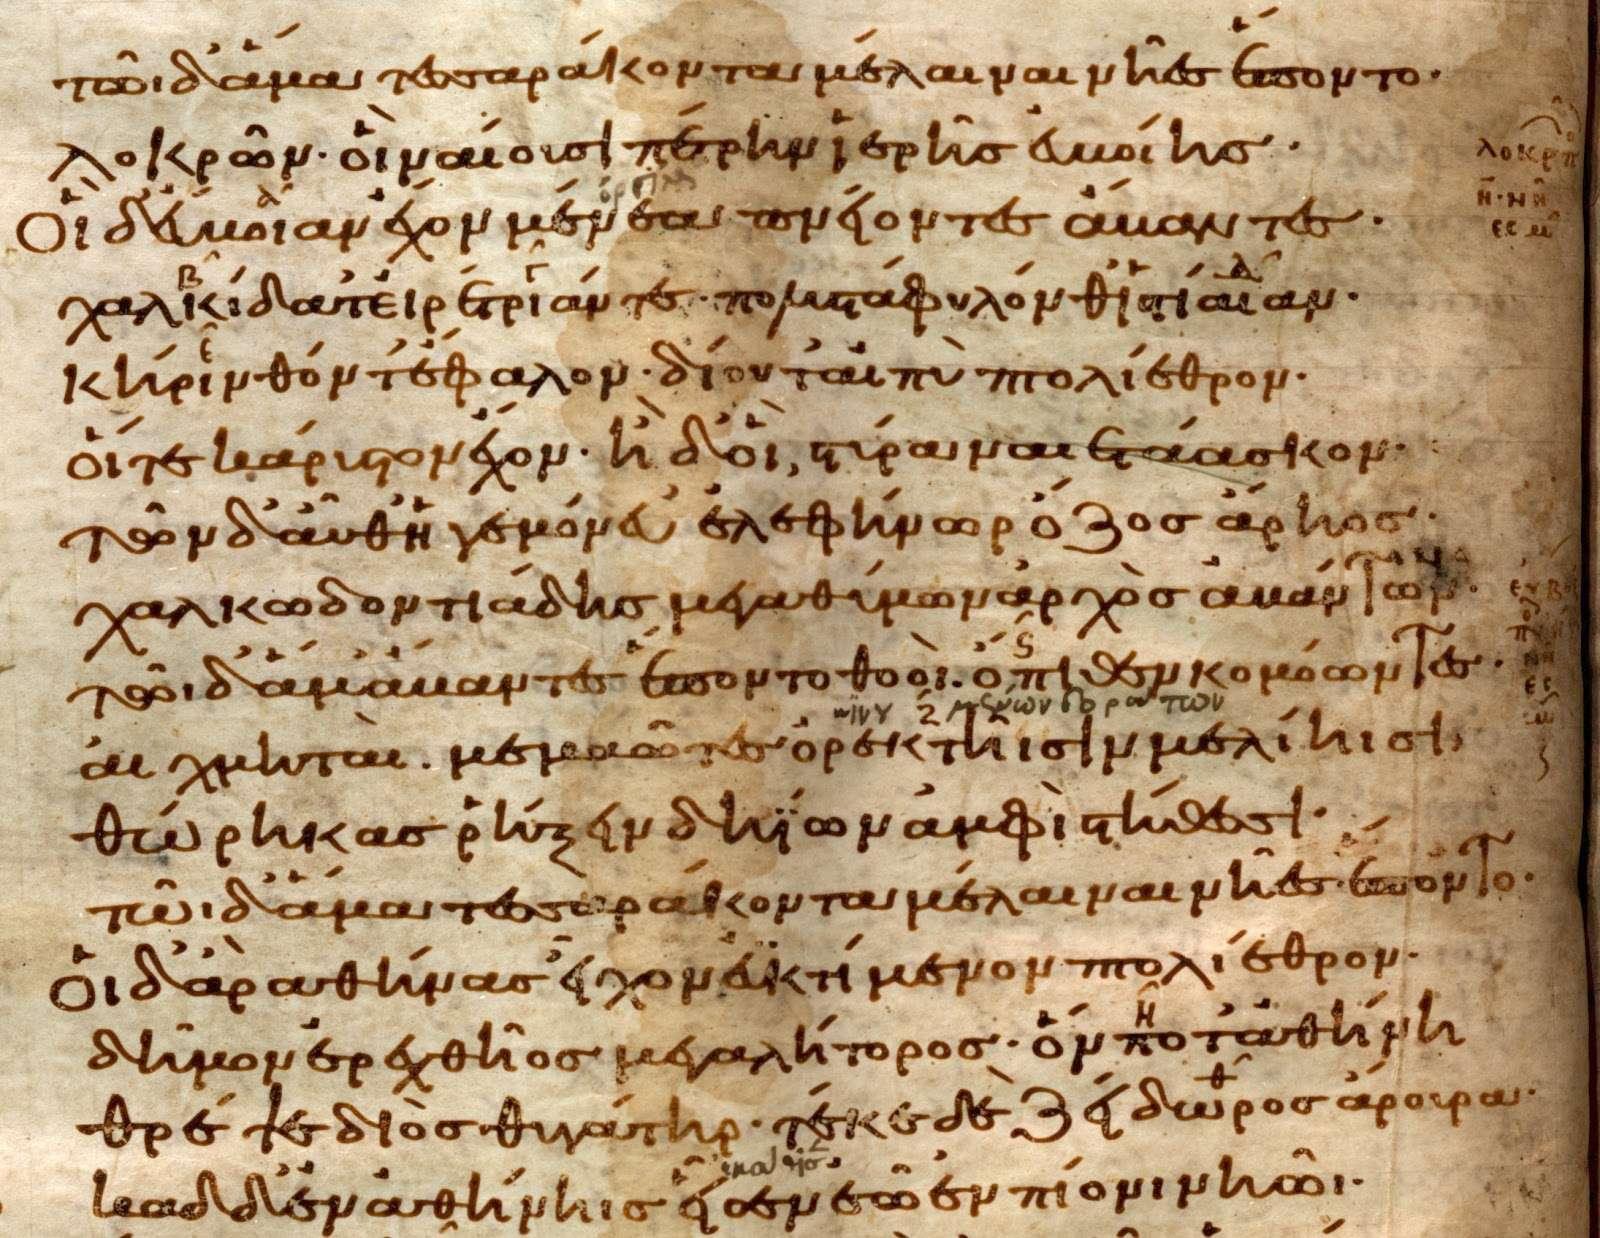 Τη μετάφραση της Ιλιάδας τελείωσε ο Πάλλης το 1901 και την εξέδωσε το 1905